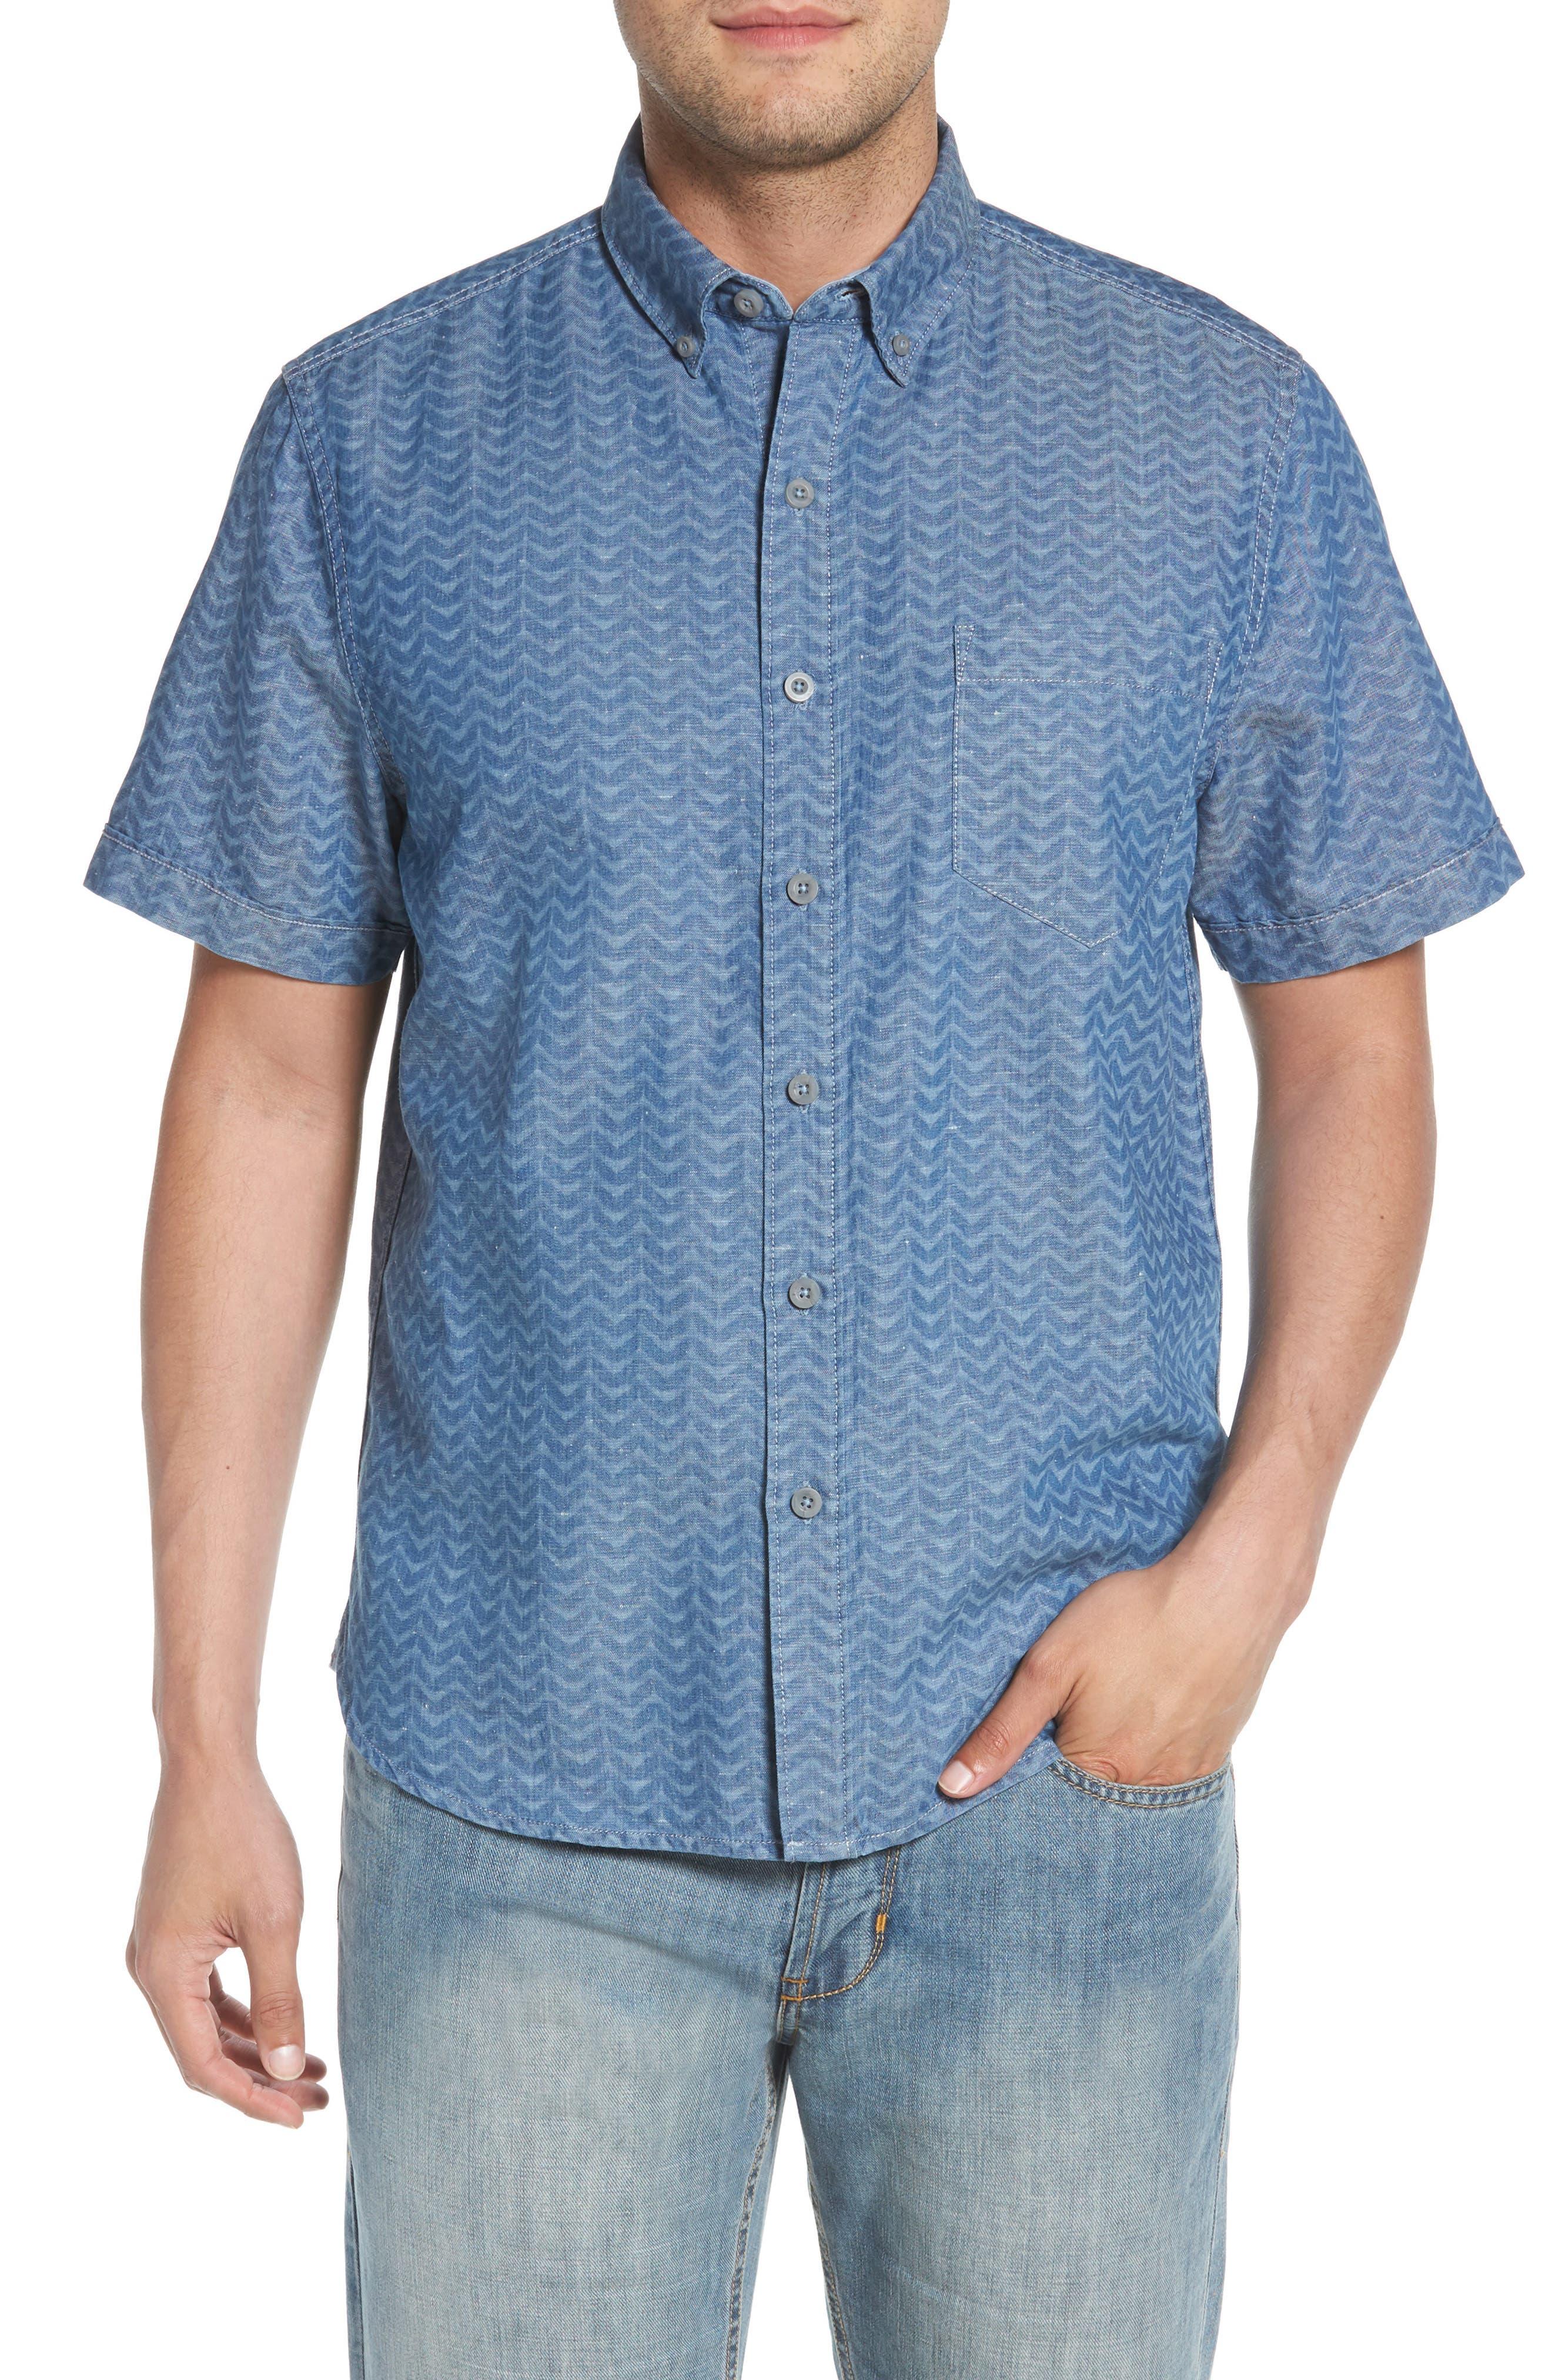 Tommy Bahama Chevron Cantina Sport Shirt